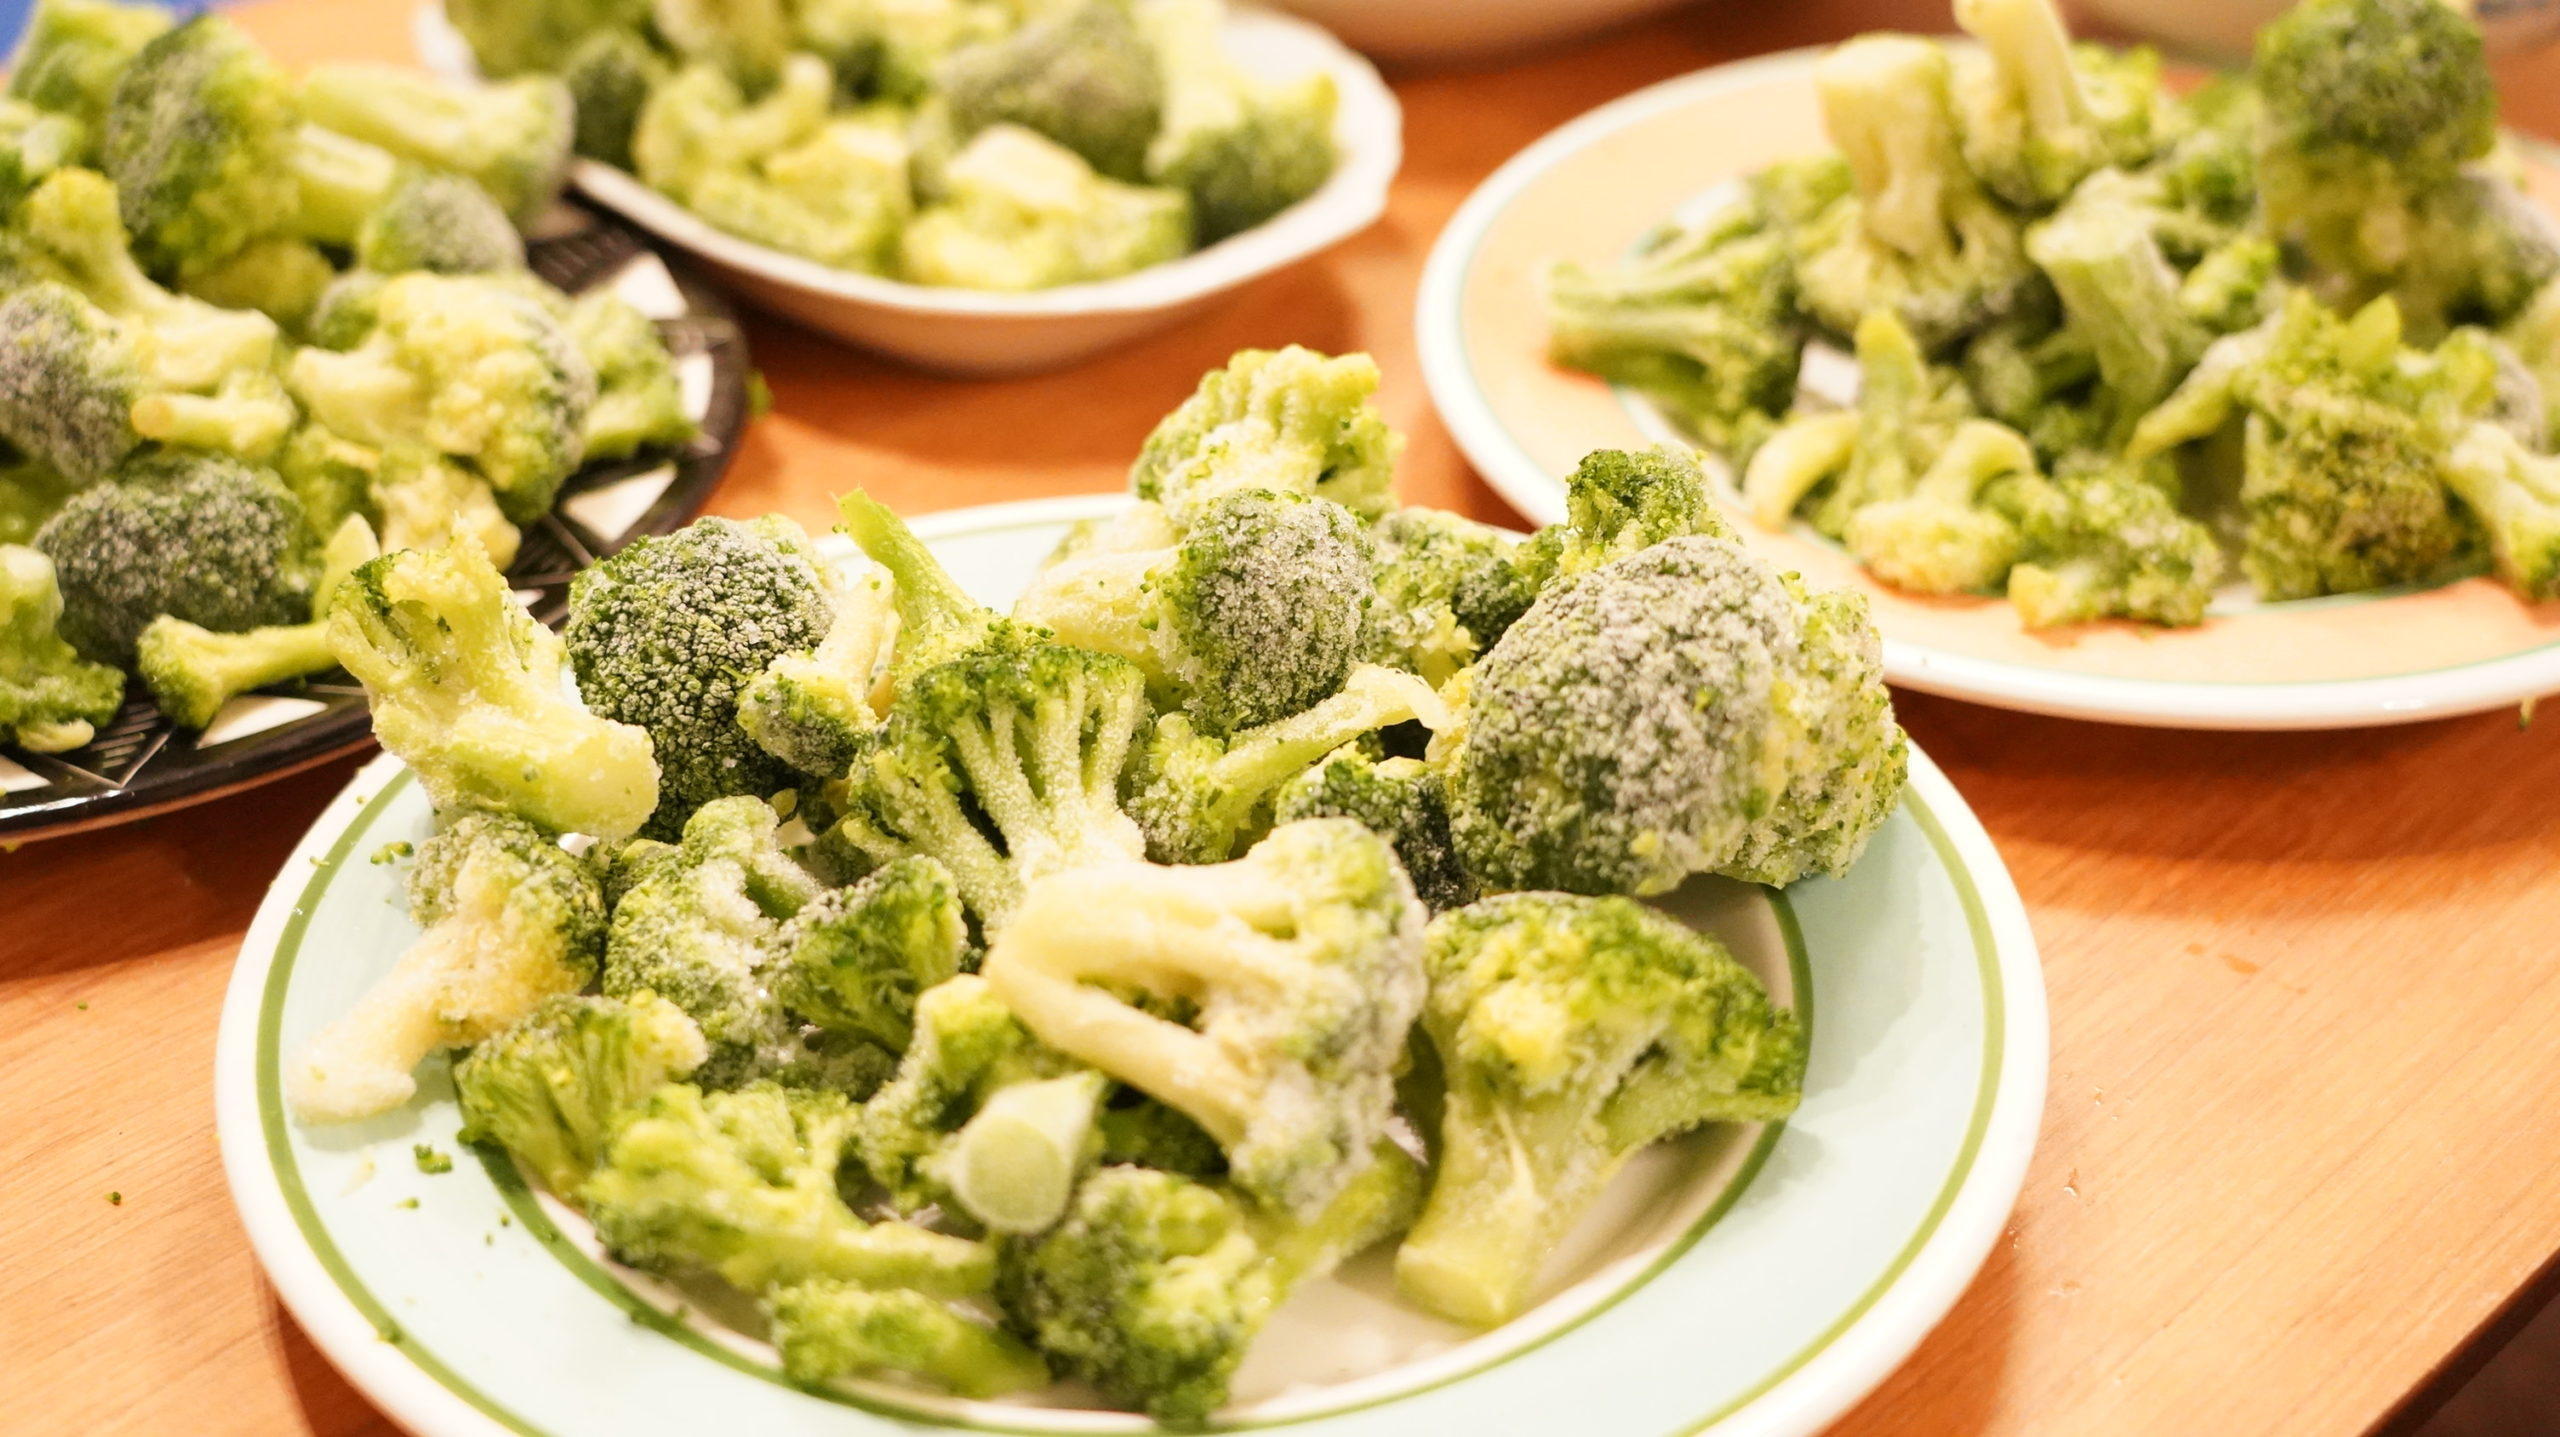 コストコの冷凍食品「ブロッコリー 100%ナチュラル」に近づいて撮った写真